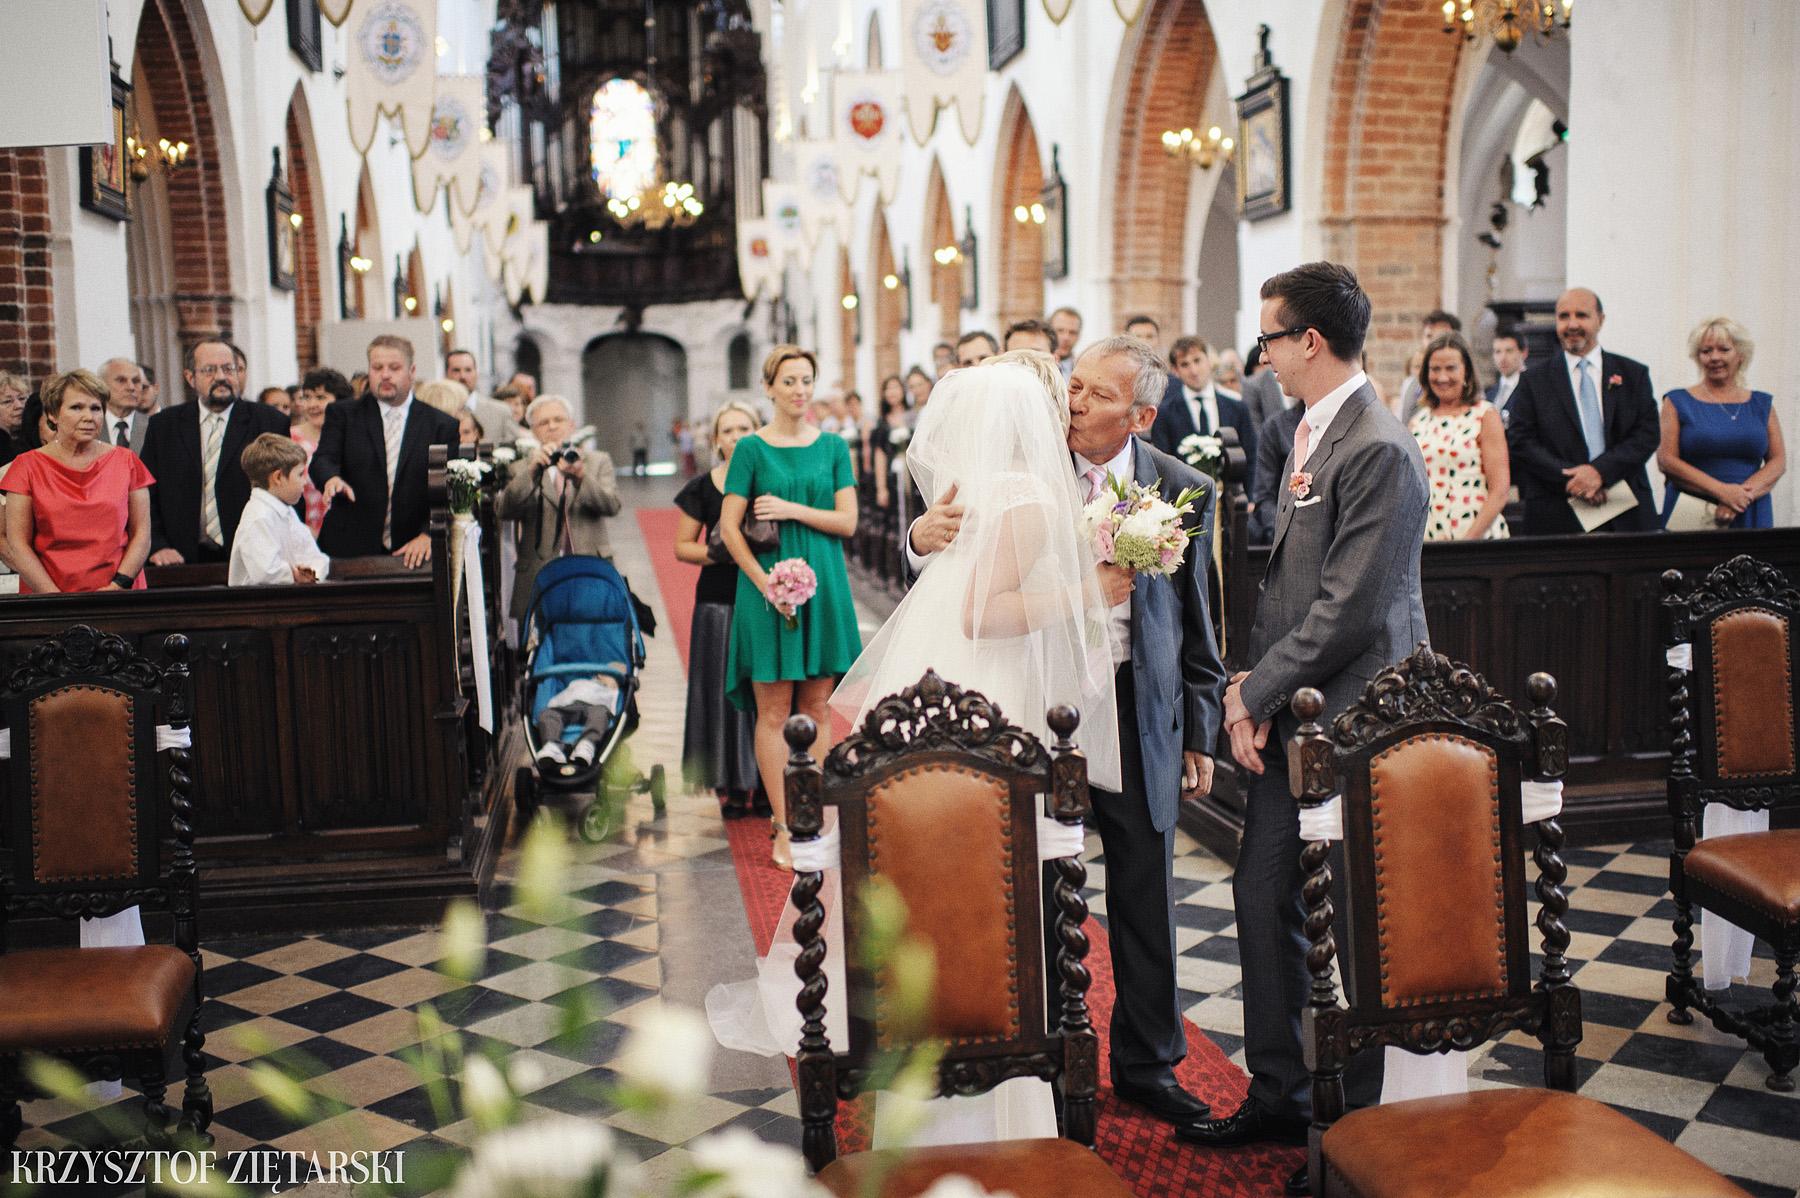 Marysia i Ollie - Fotografia ślubna Gdańsk, Katedra Oliwska, wesele Hotel Mera Sopot, plener Gdynia Orłowo - 13.